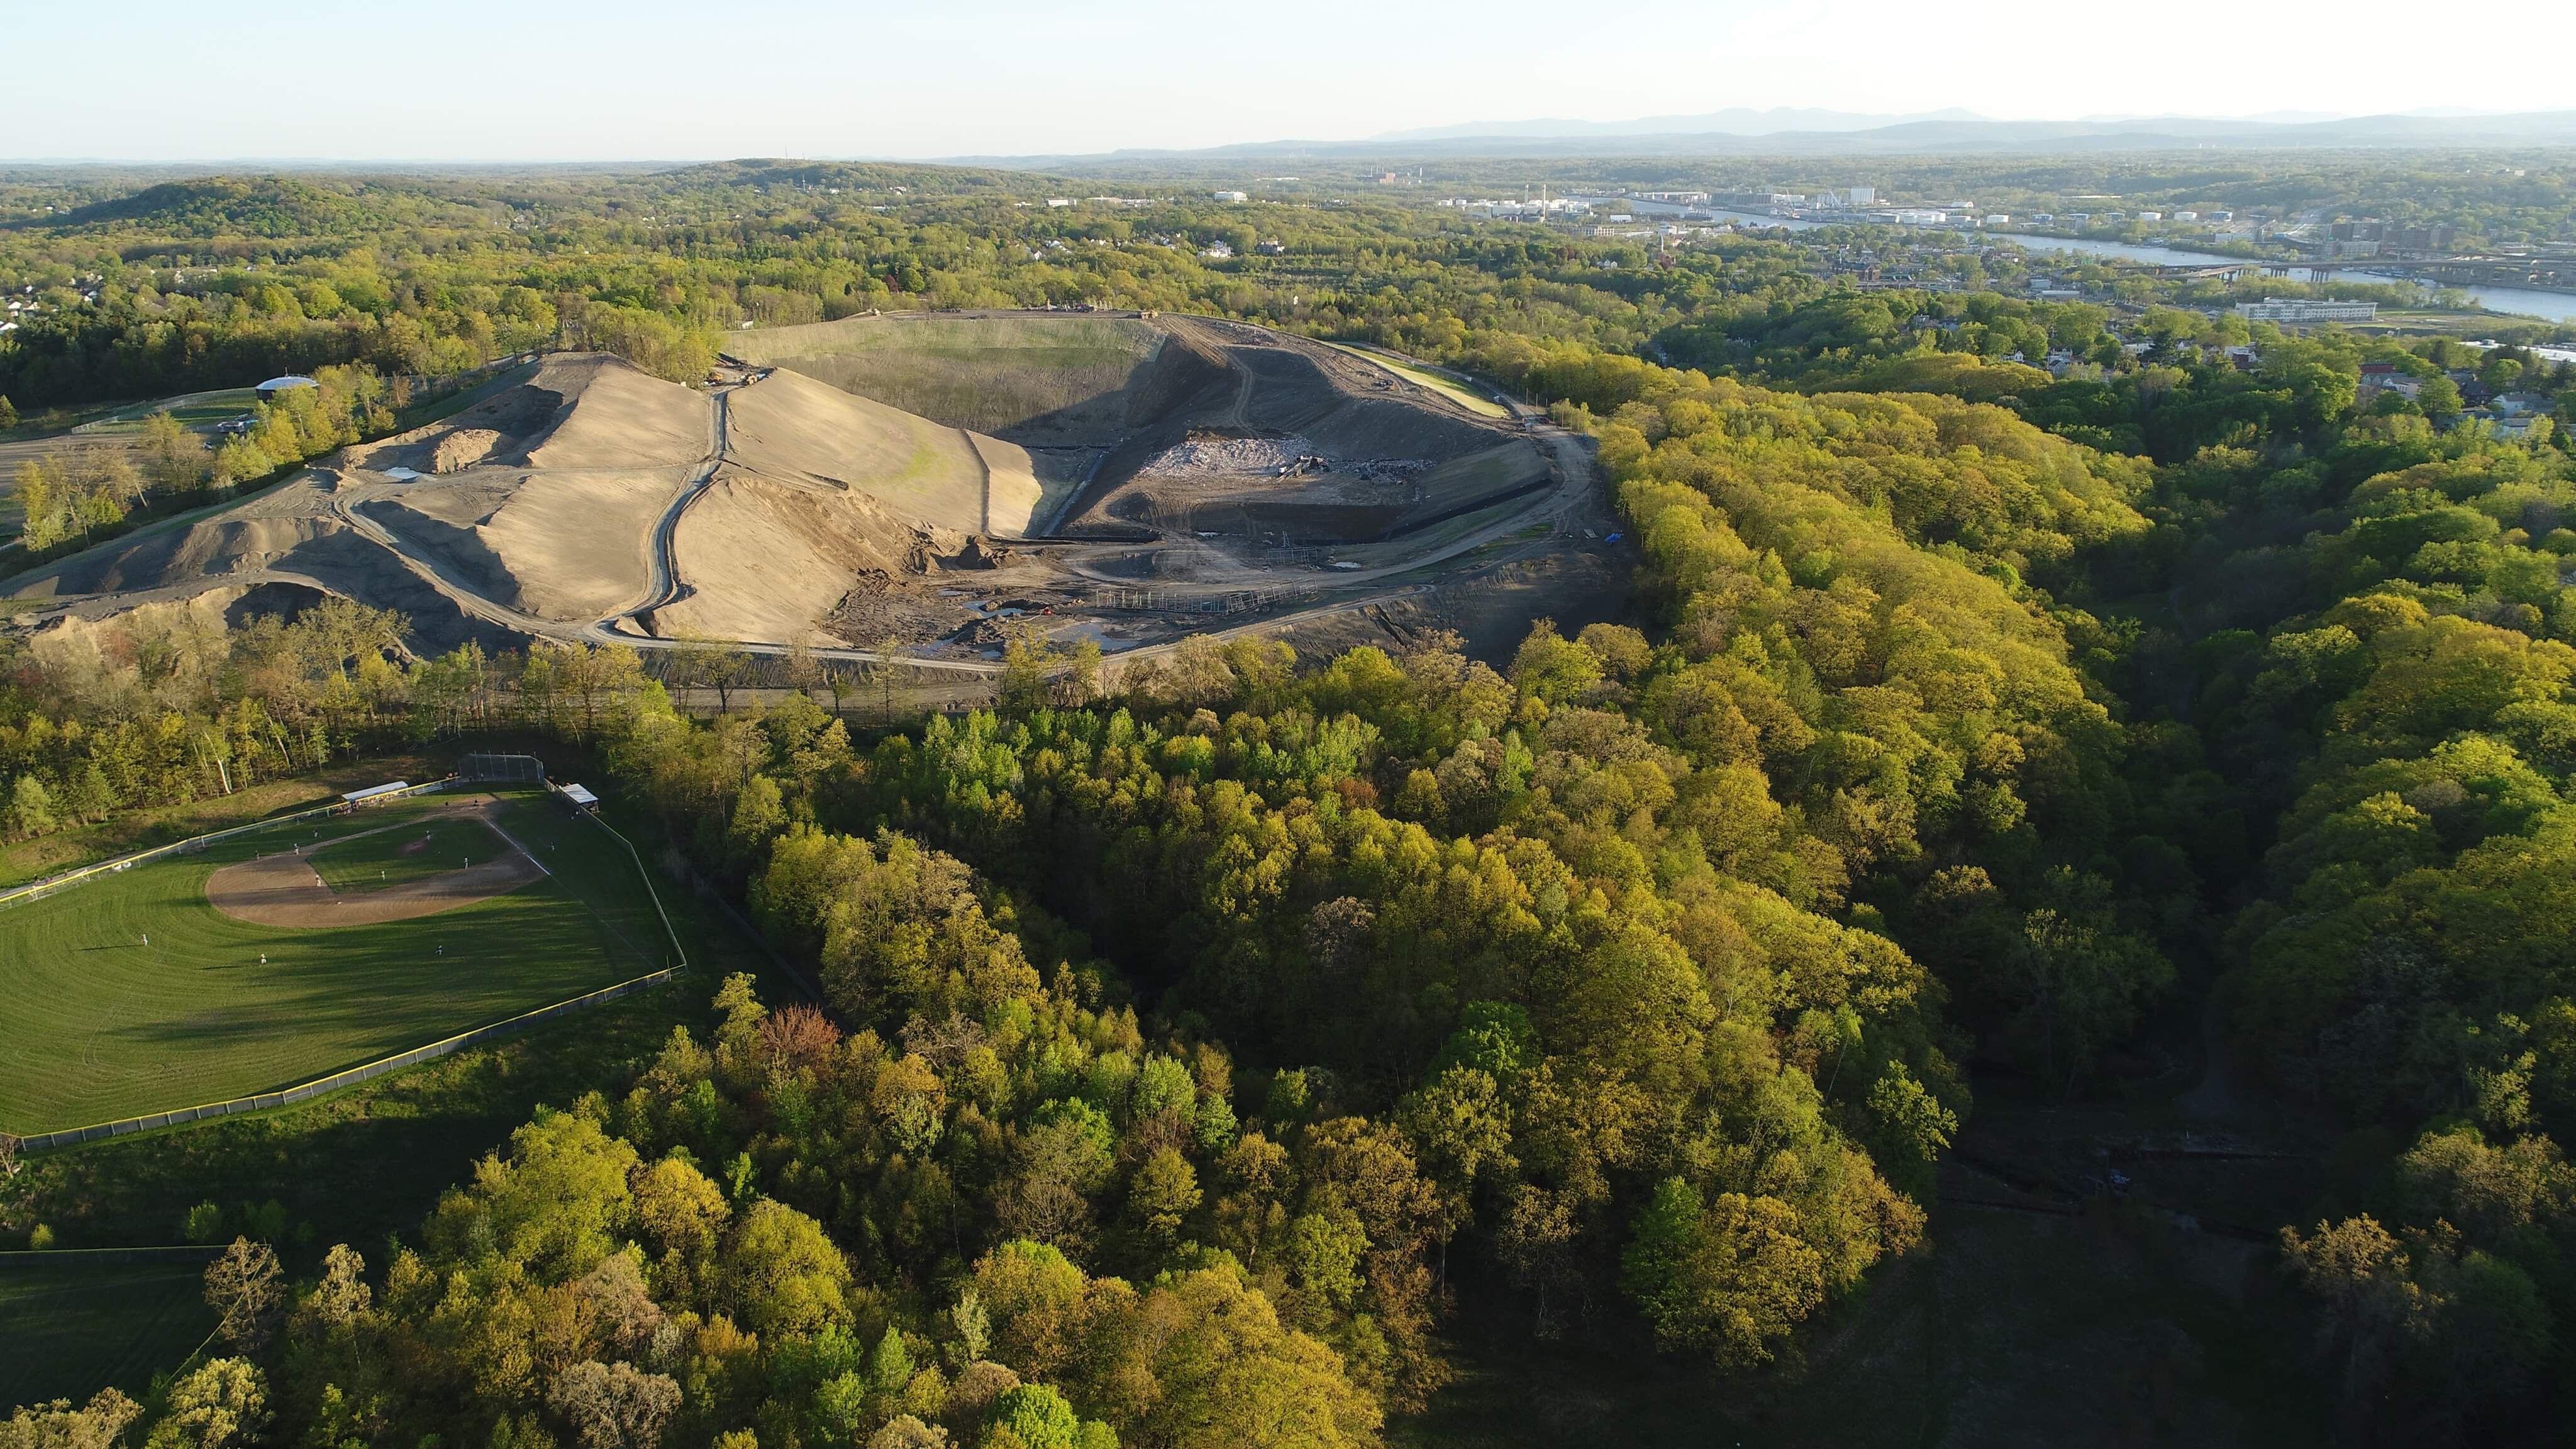 Dunn landfill